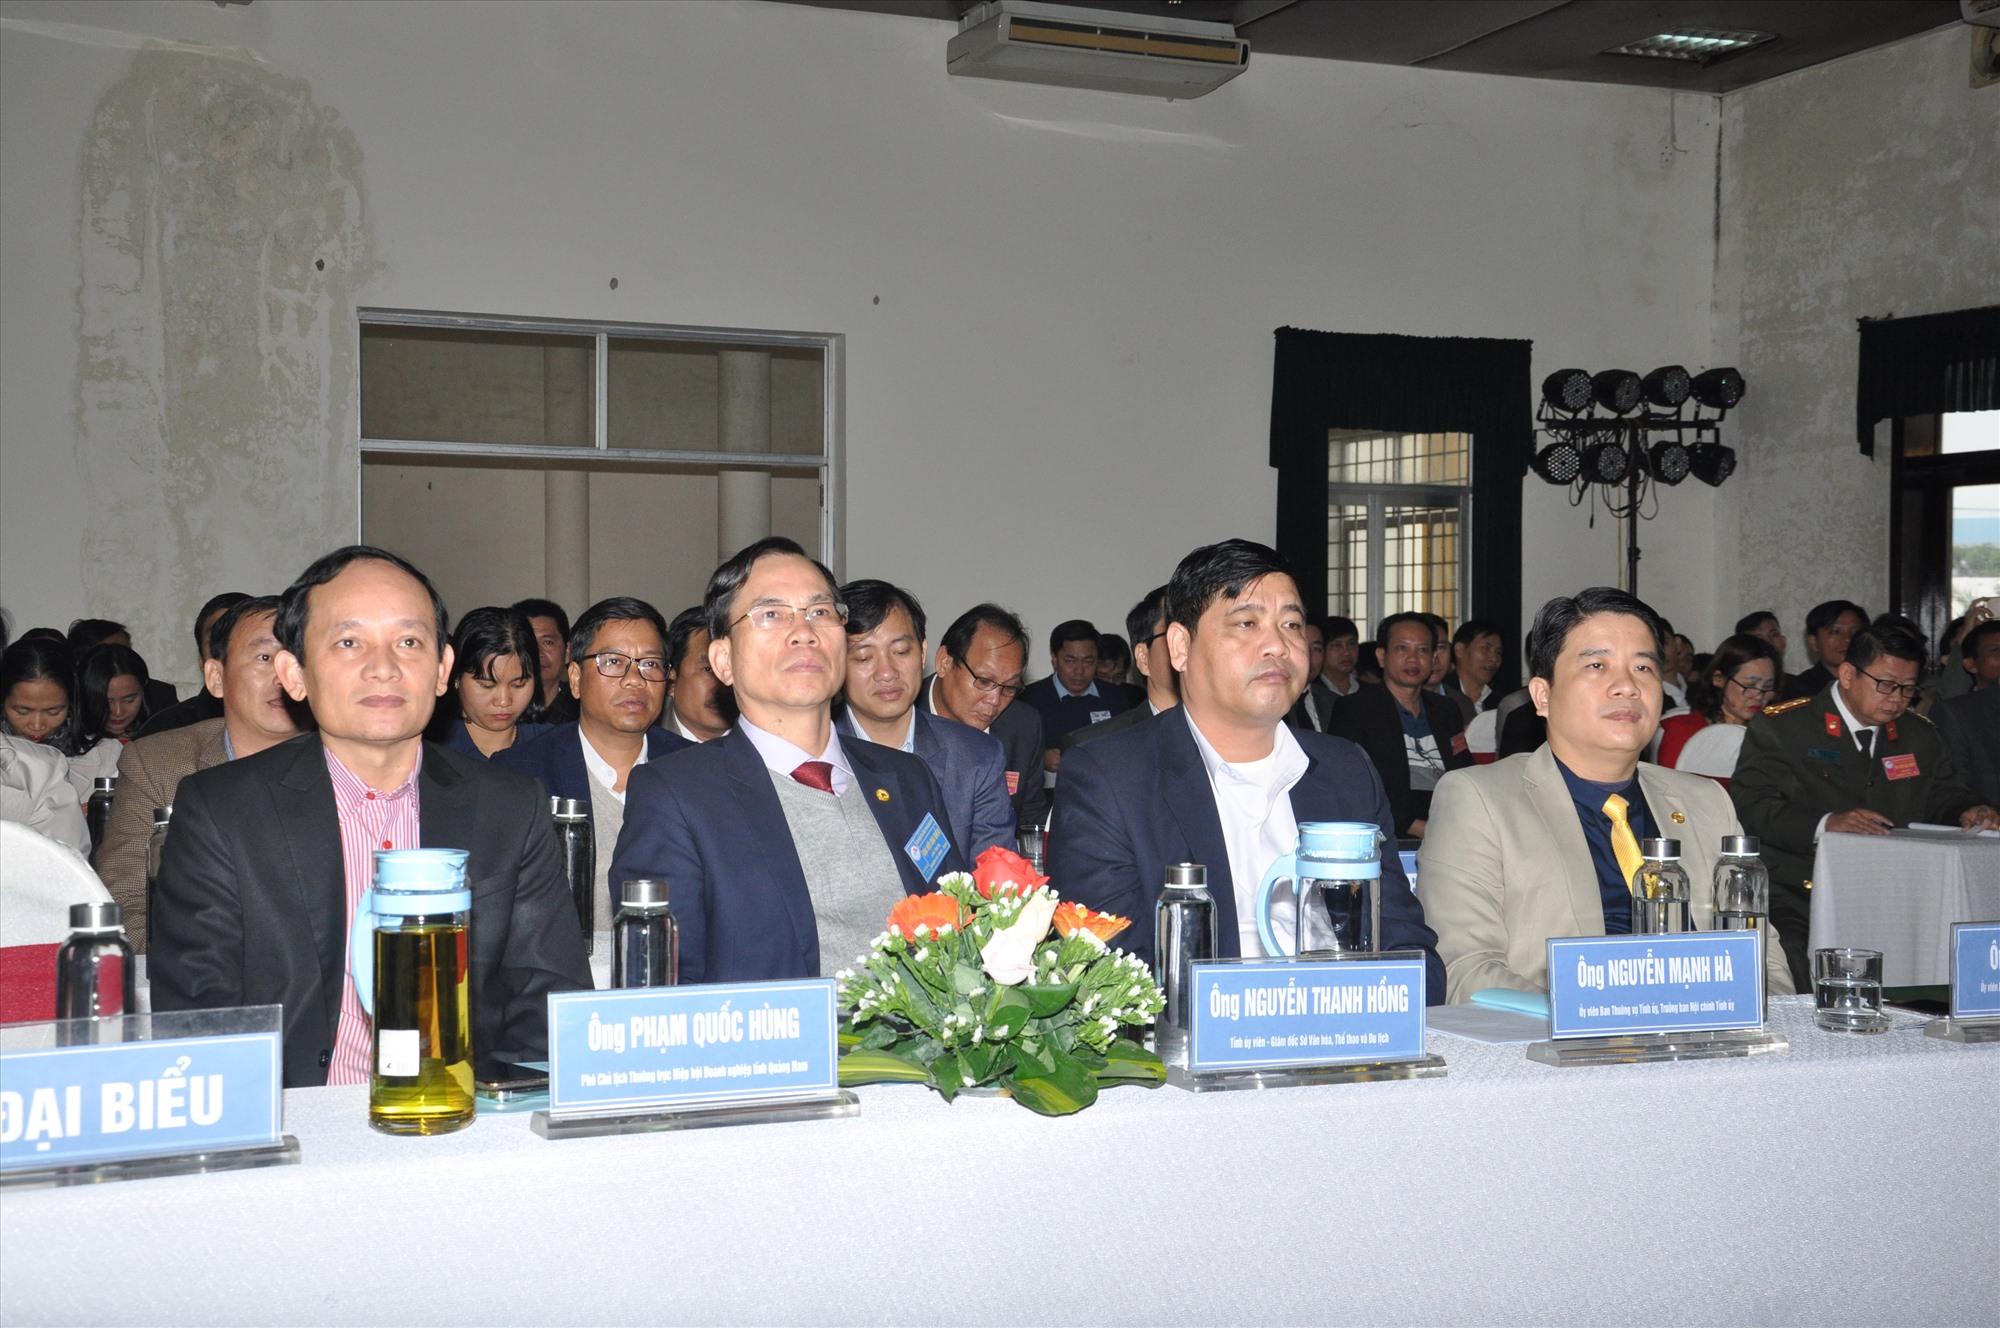 Các đại biểu lãnh đạo dự đại hội. Ảnh: T.V